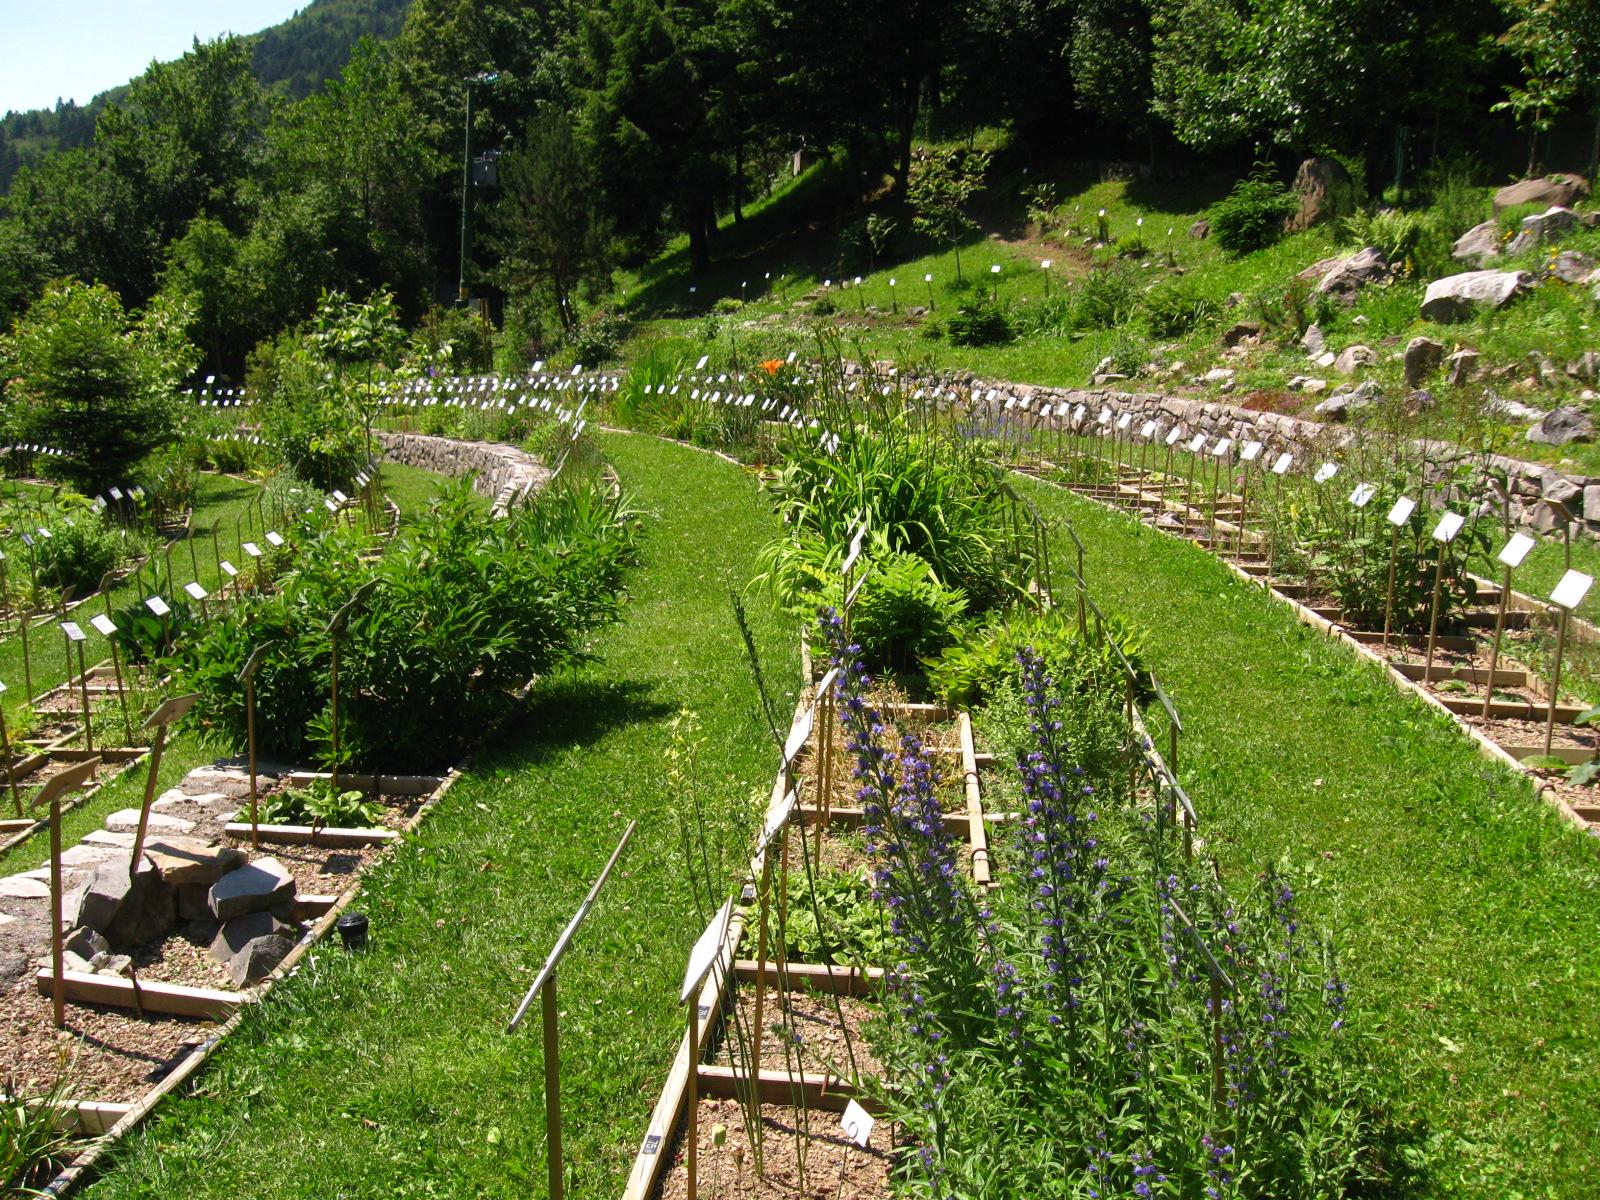 Centro ricerca piante officinali veneto giardini da - Terrazzamenti giardino ...